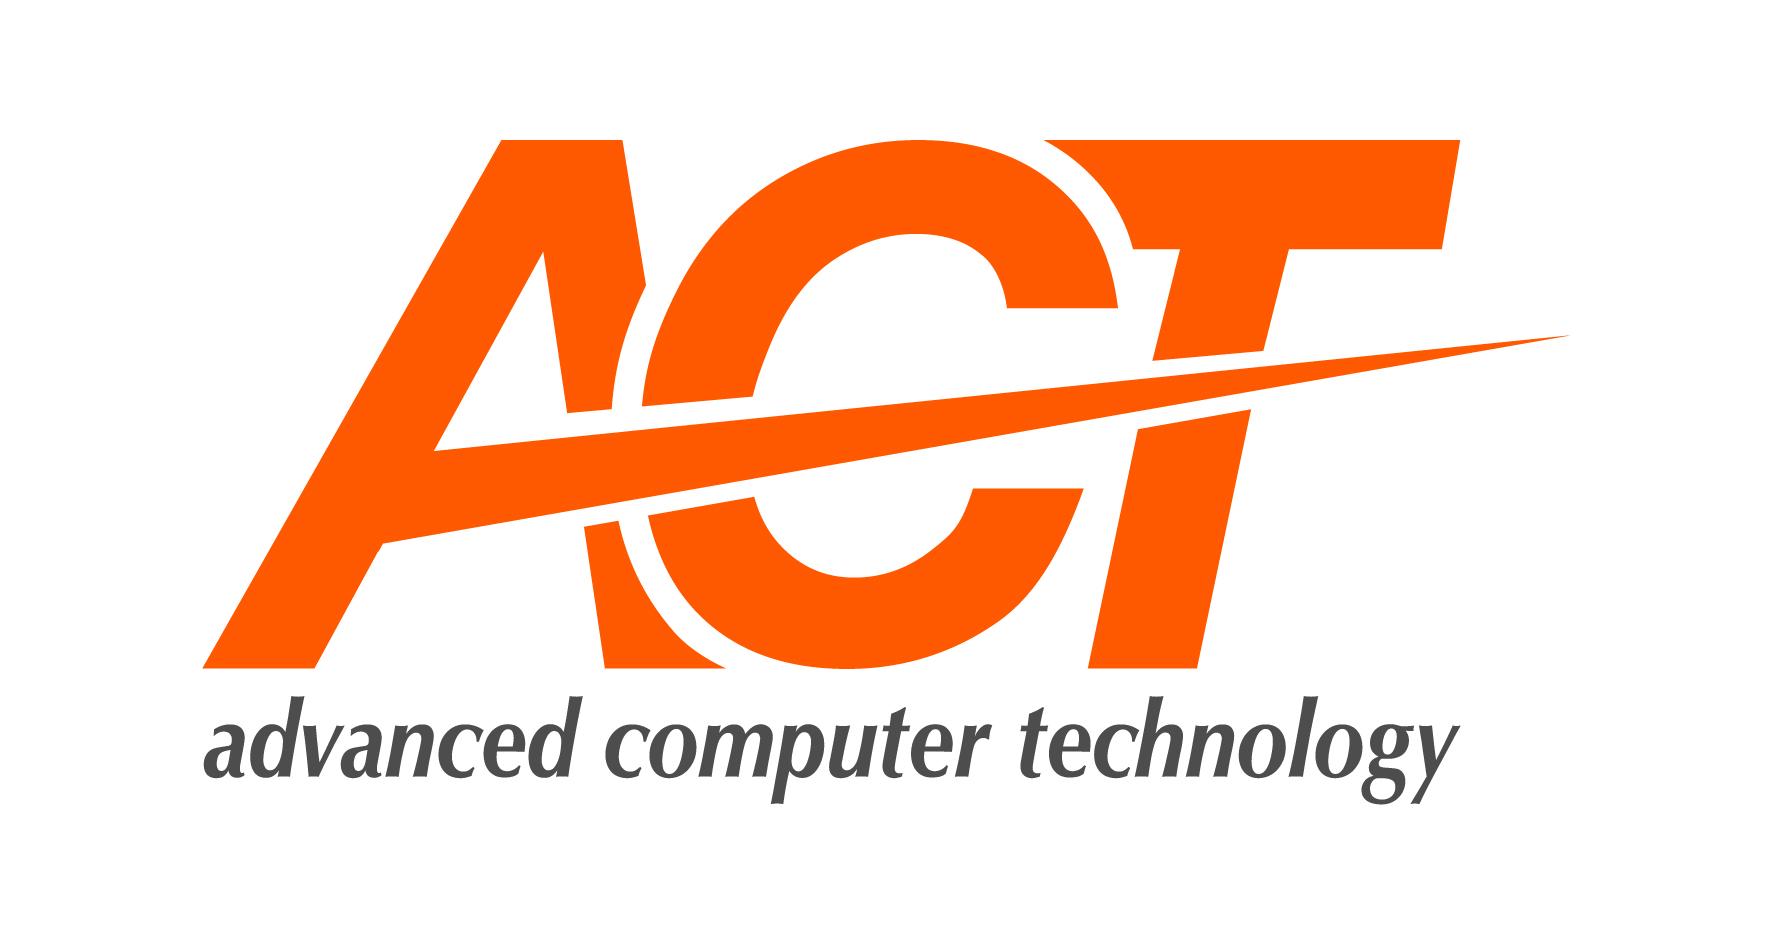 لوجو اكت ادفانسد كمبيوتر